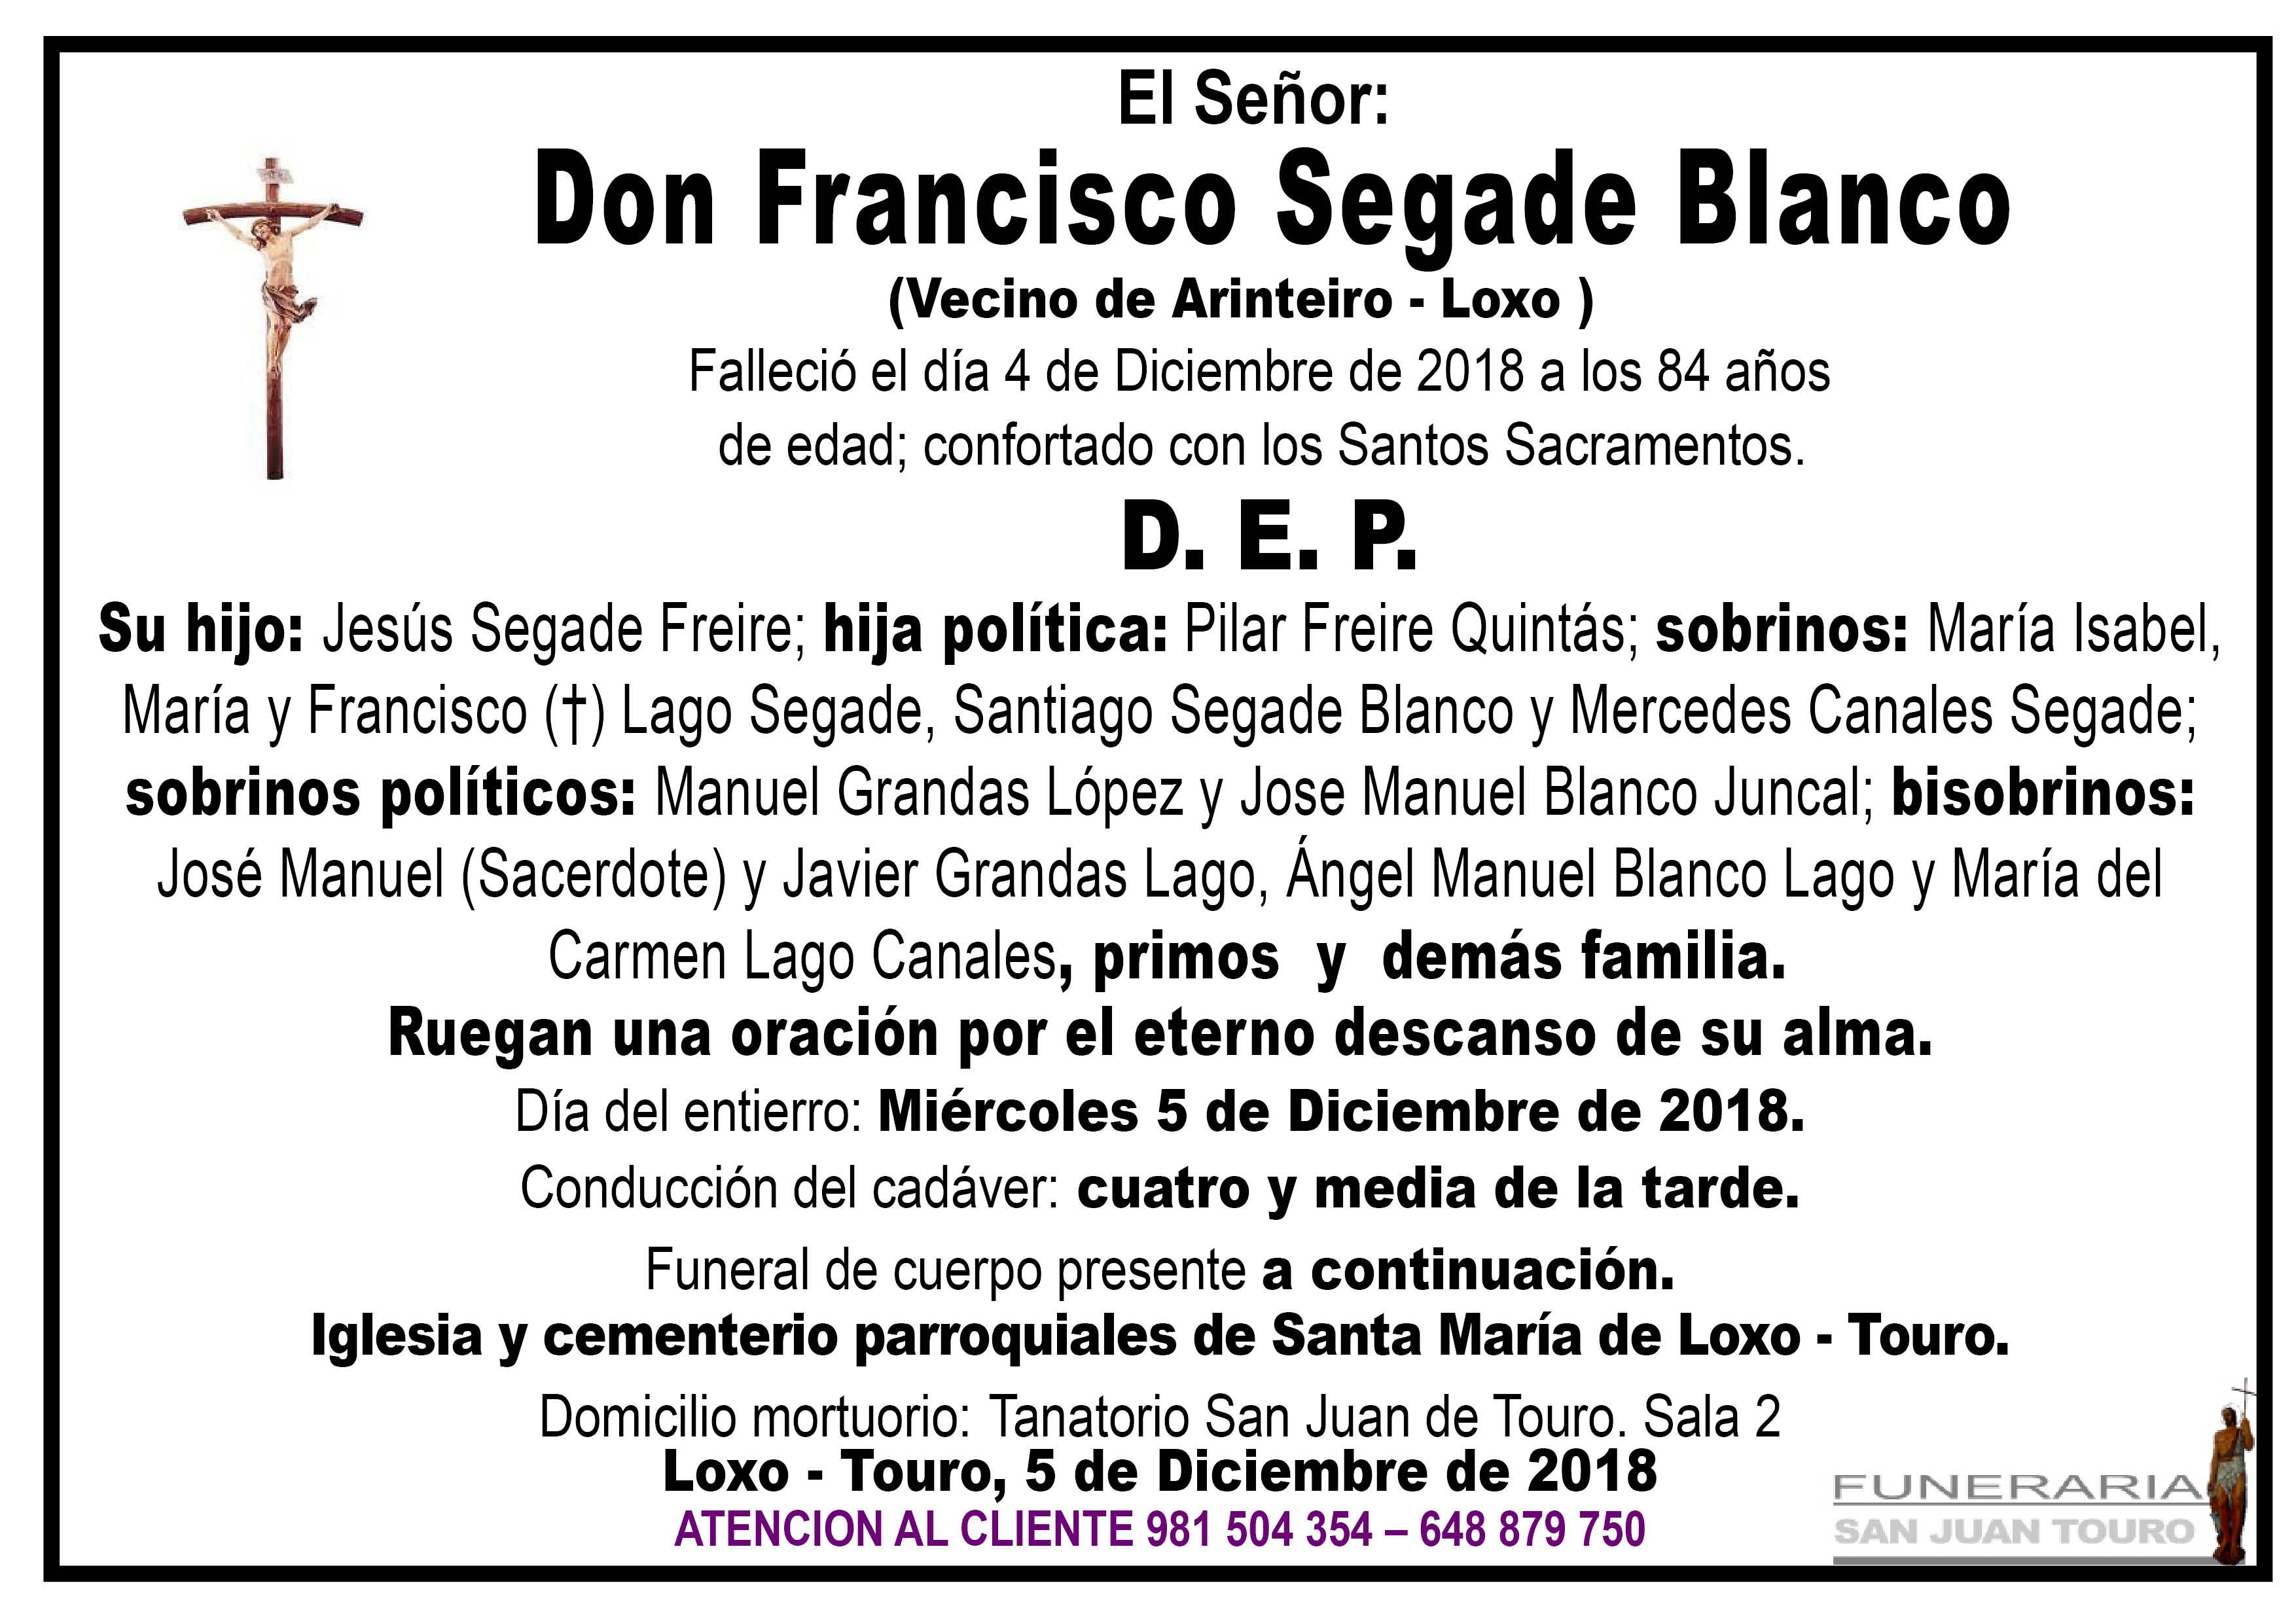 Esquela de SEPELIO DE DON FRANCISCO SEGADE BLANCO